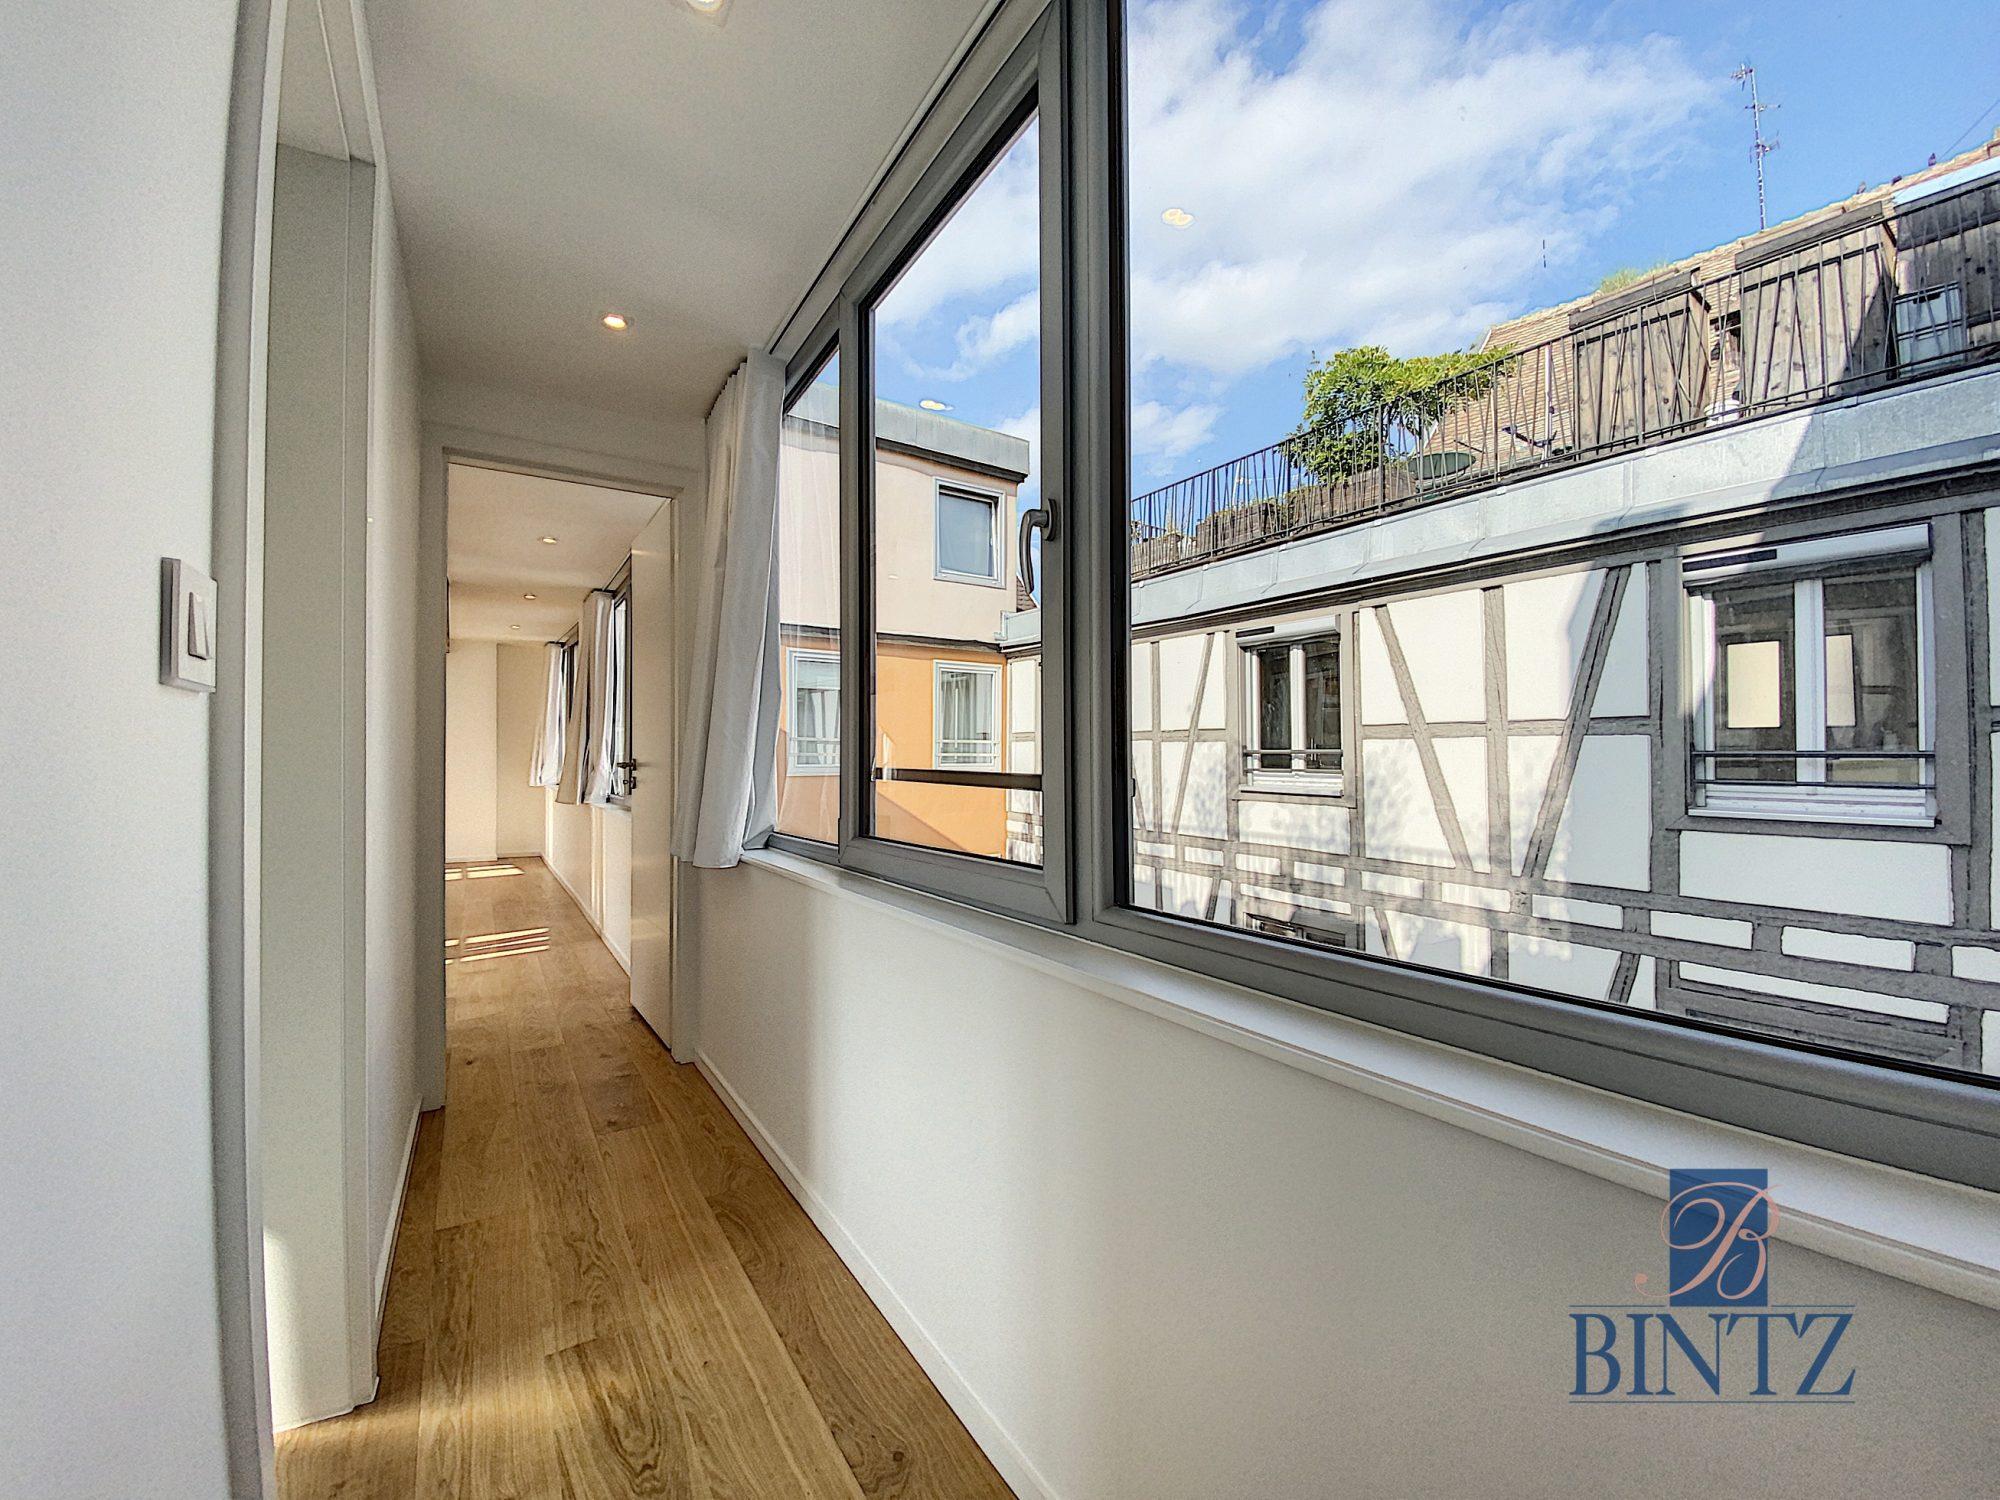 5 pièces d'exception face à la mairie - Devenez locataire en toute sérénité - Bintz Immobilier - 15